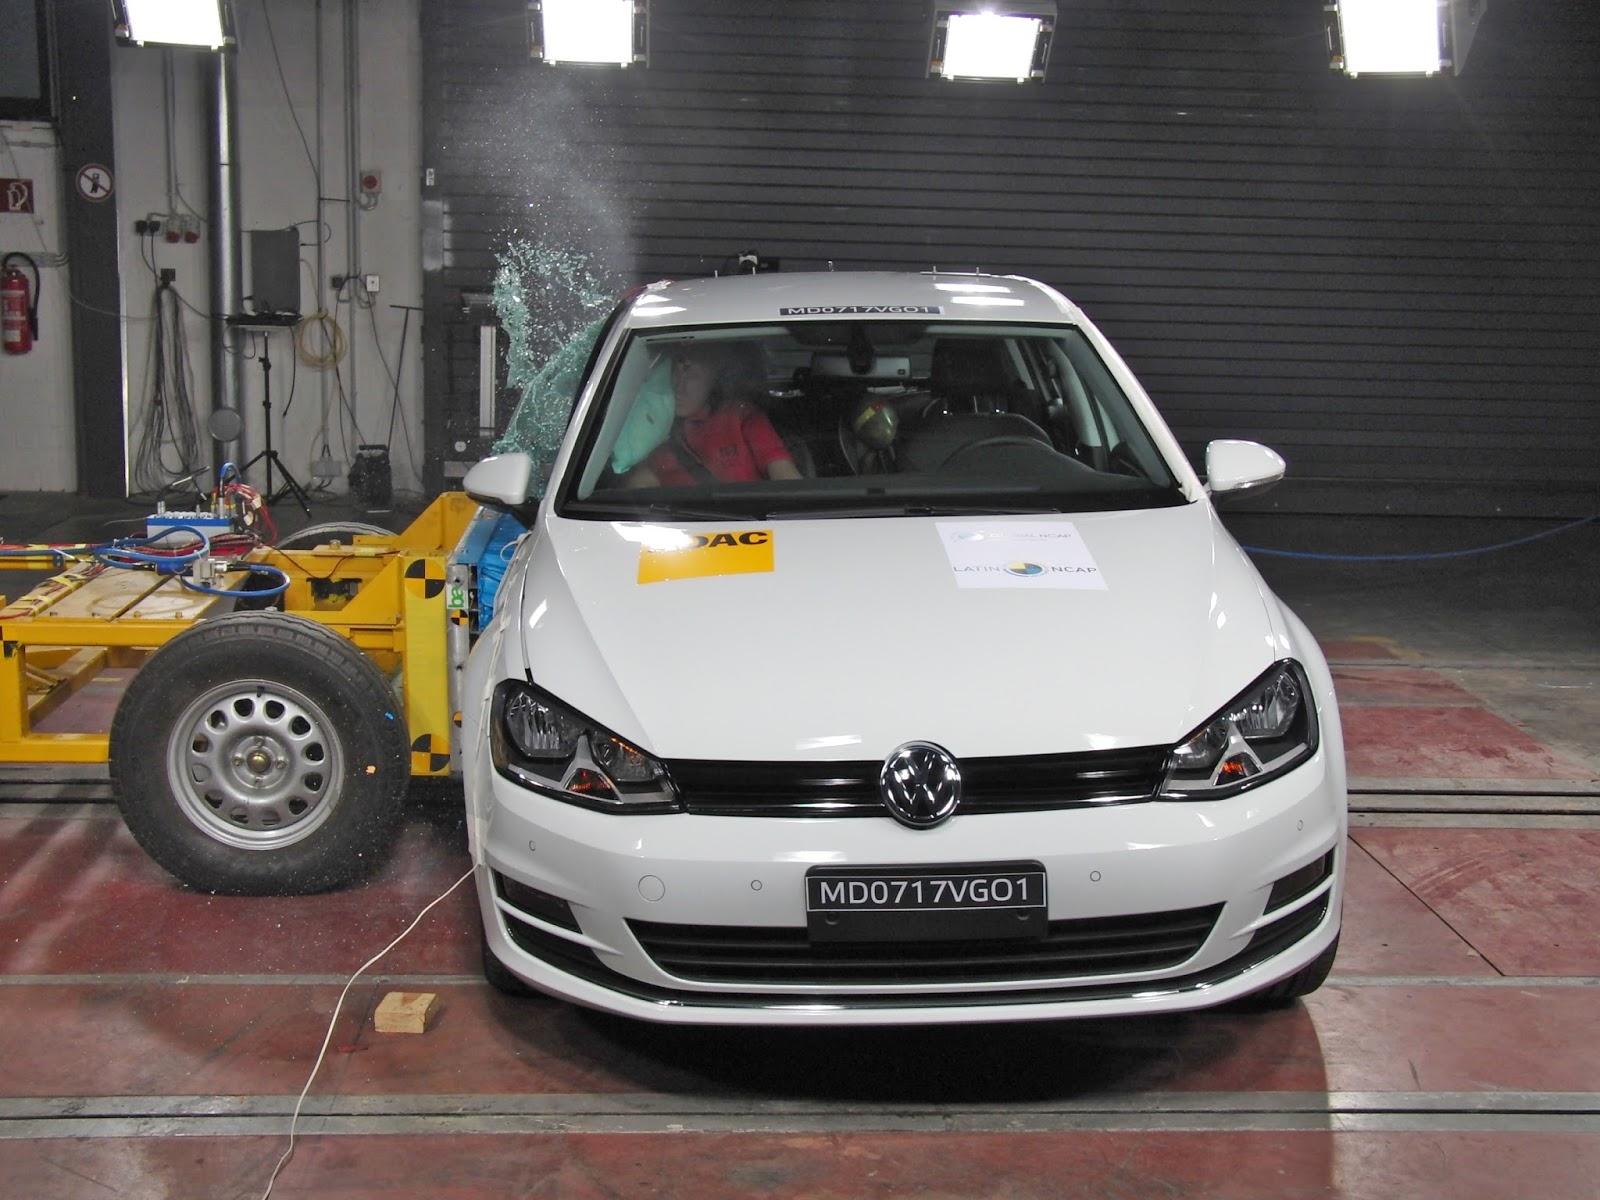 Automóveis da Volkswagen estão entre os mais seguros do Brasil, aponta Latin NCAP